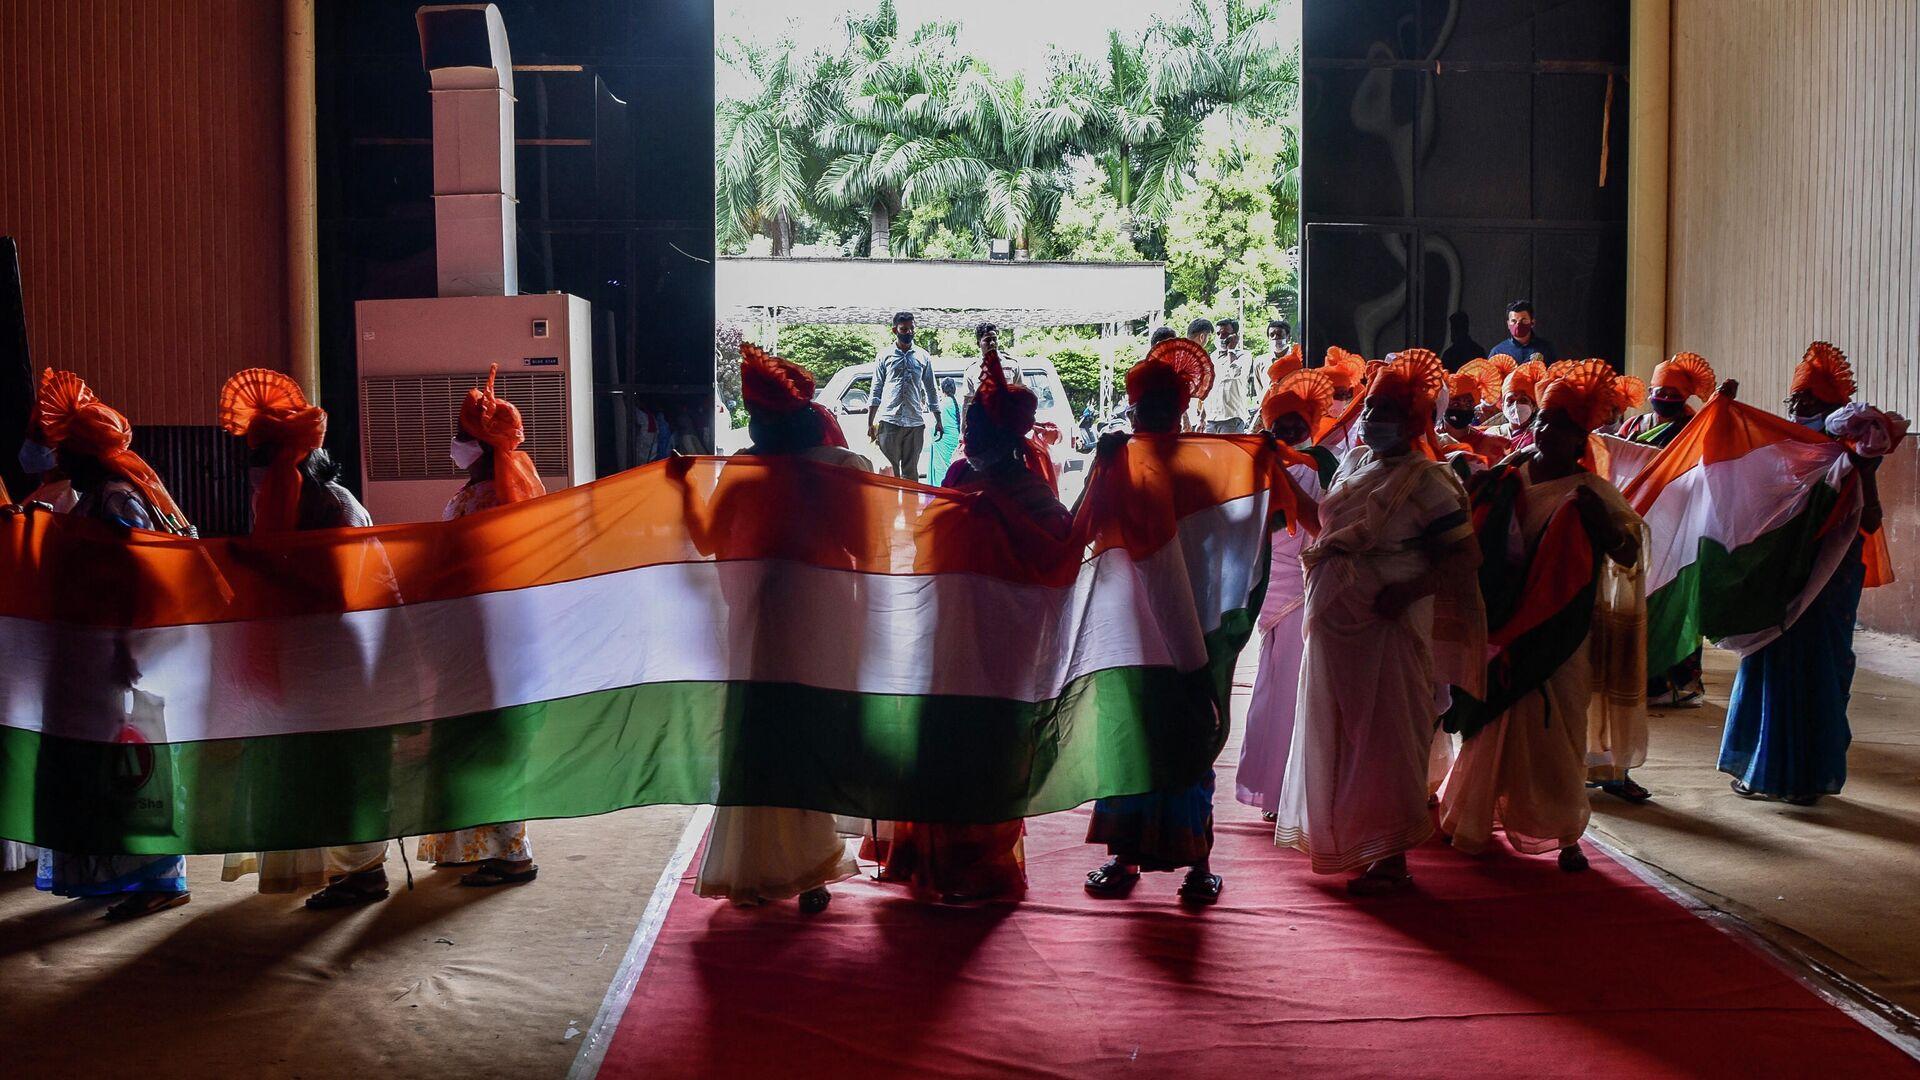 Женщины в традиционной одежде держат флаг по случаю празднования Дня независимости Индии в Бангалоре - РИА Новости, 1920, 24.09.2021